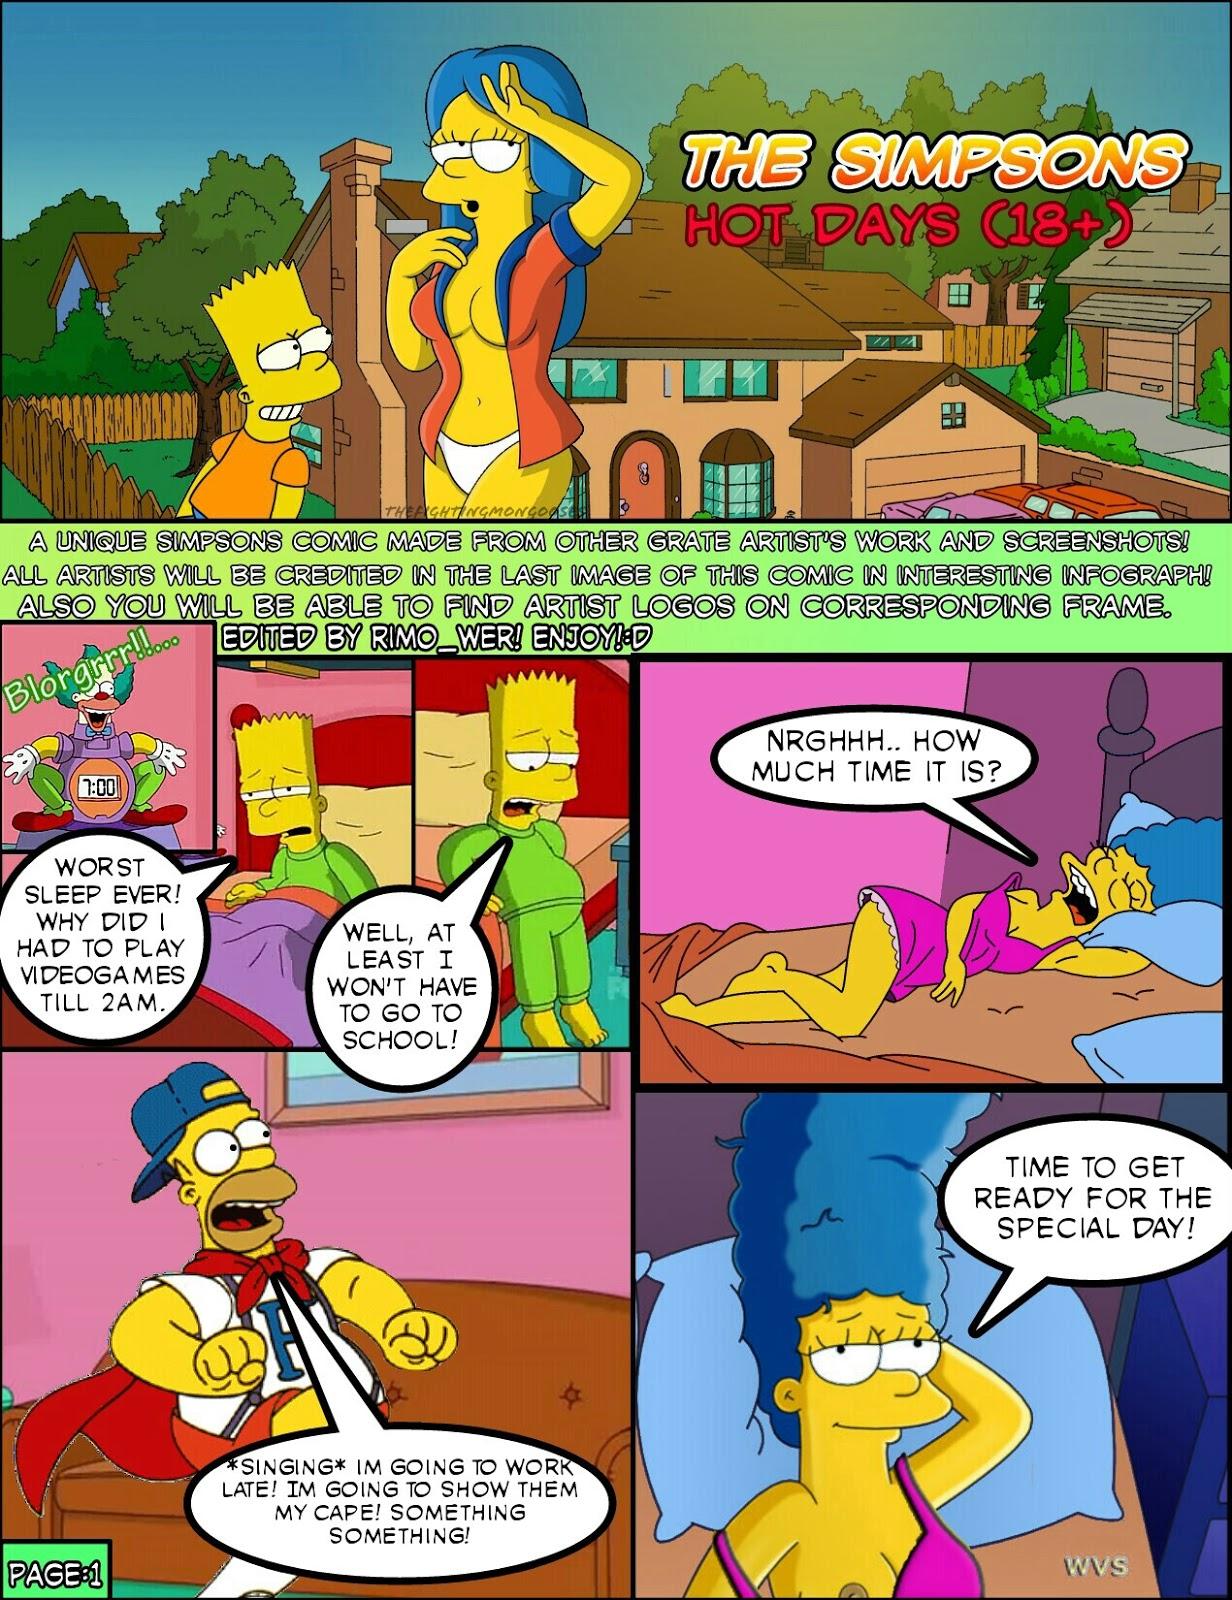 Goodcomix The Simpsons - Hot Days.1 (Needs final touches) xxx porno